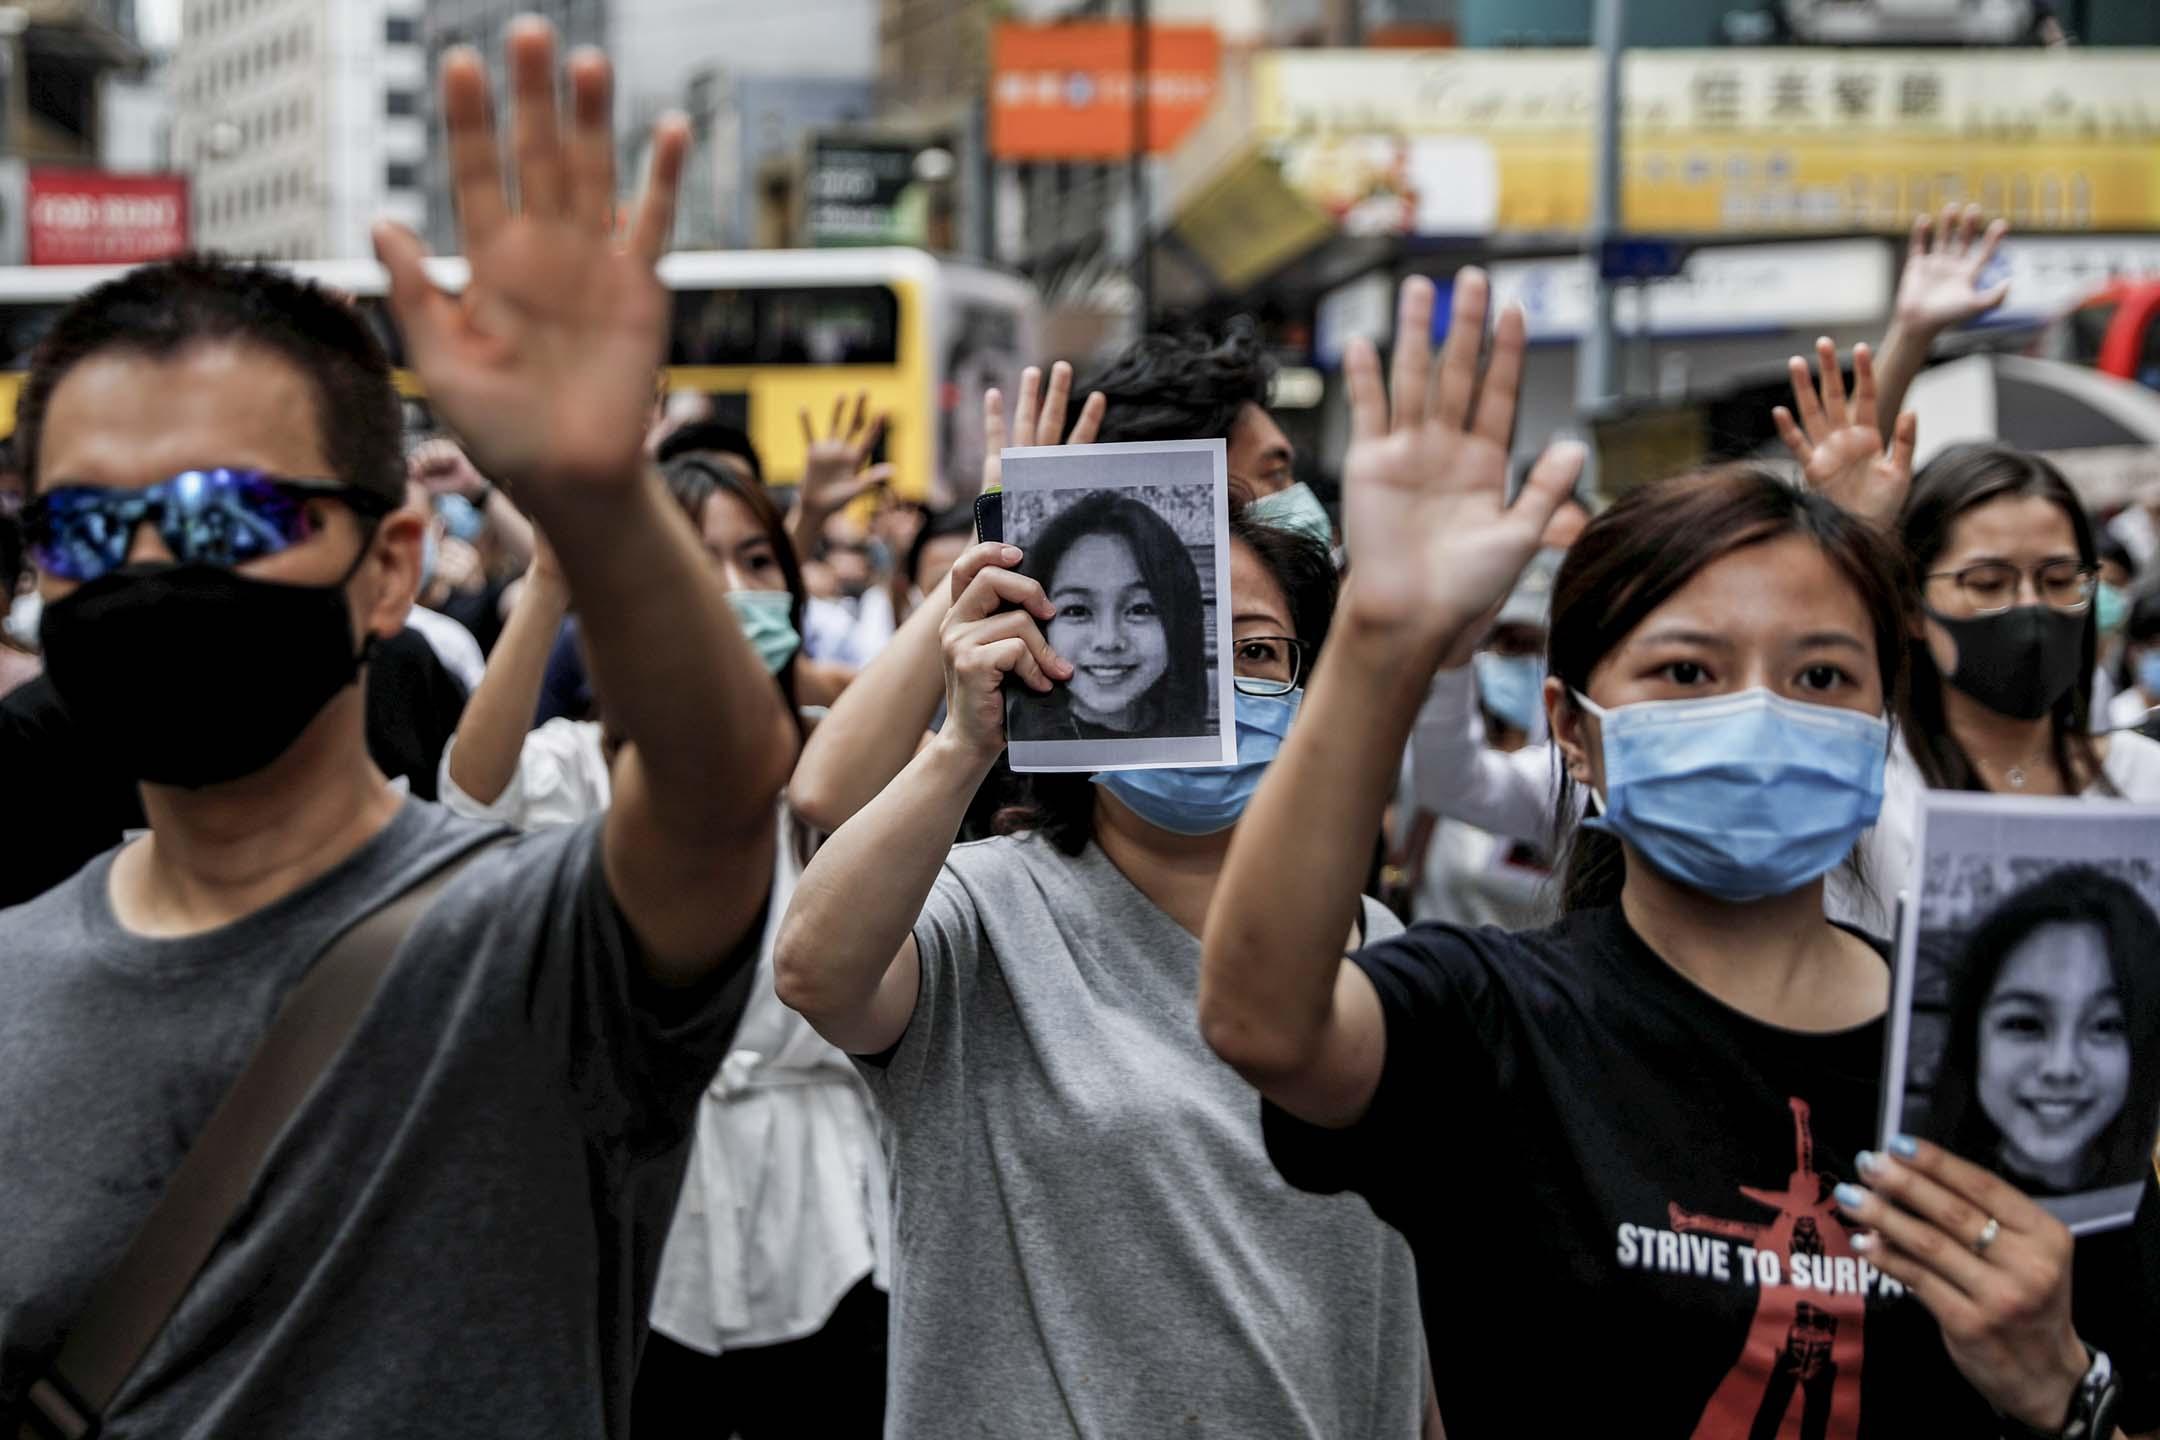 2019年10月18日,示威者舉起已去世的陳彥霖照片遊行。